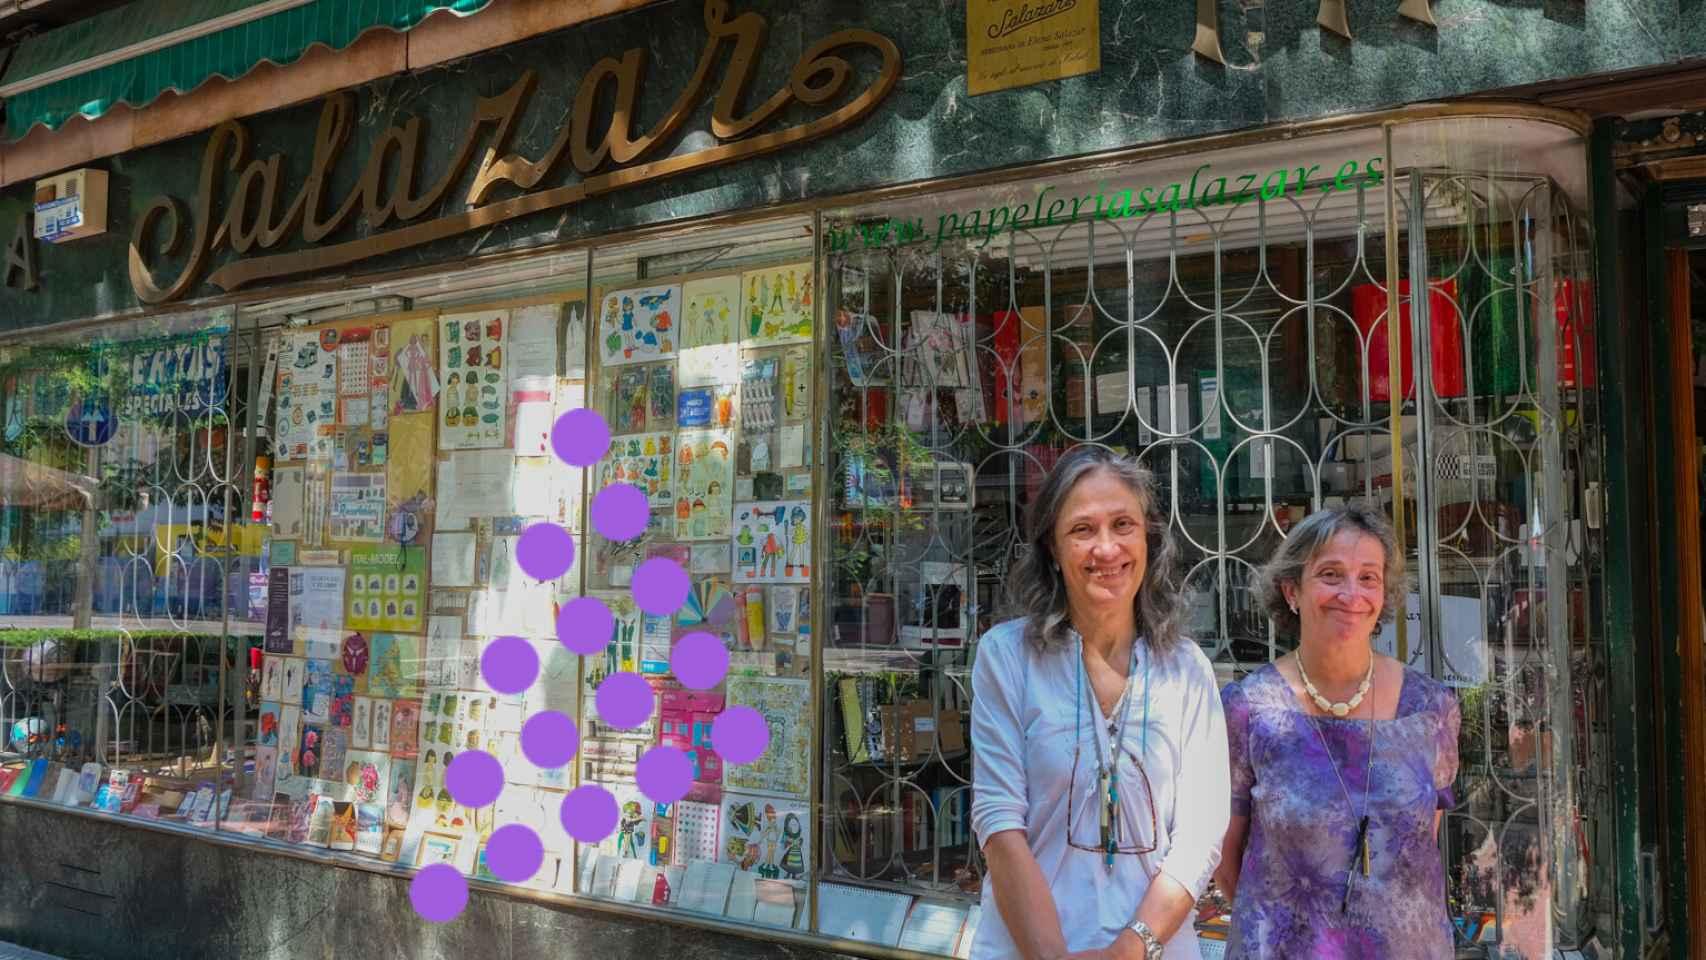 Fernanda y Ana, las dueñas,  delante de la Papelería Salazar.